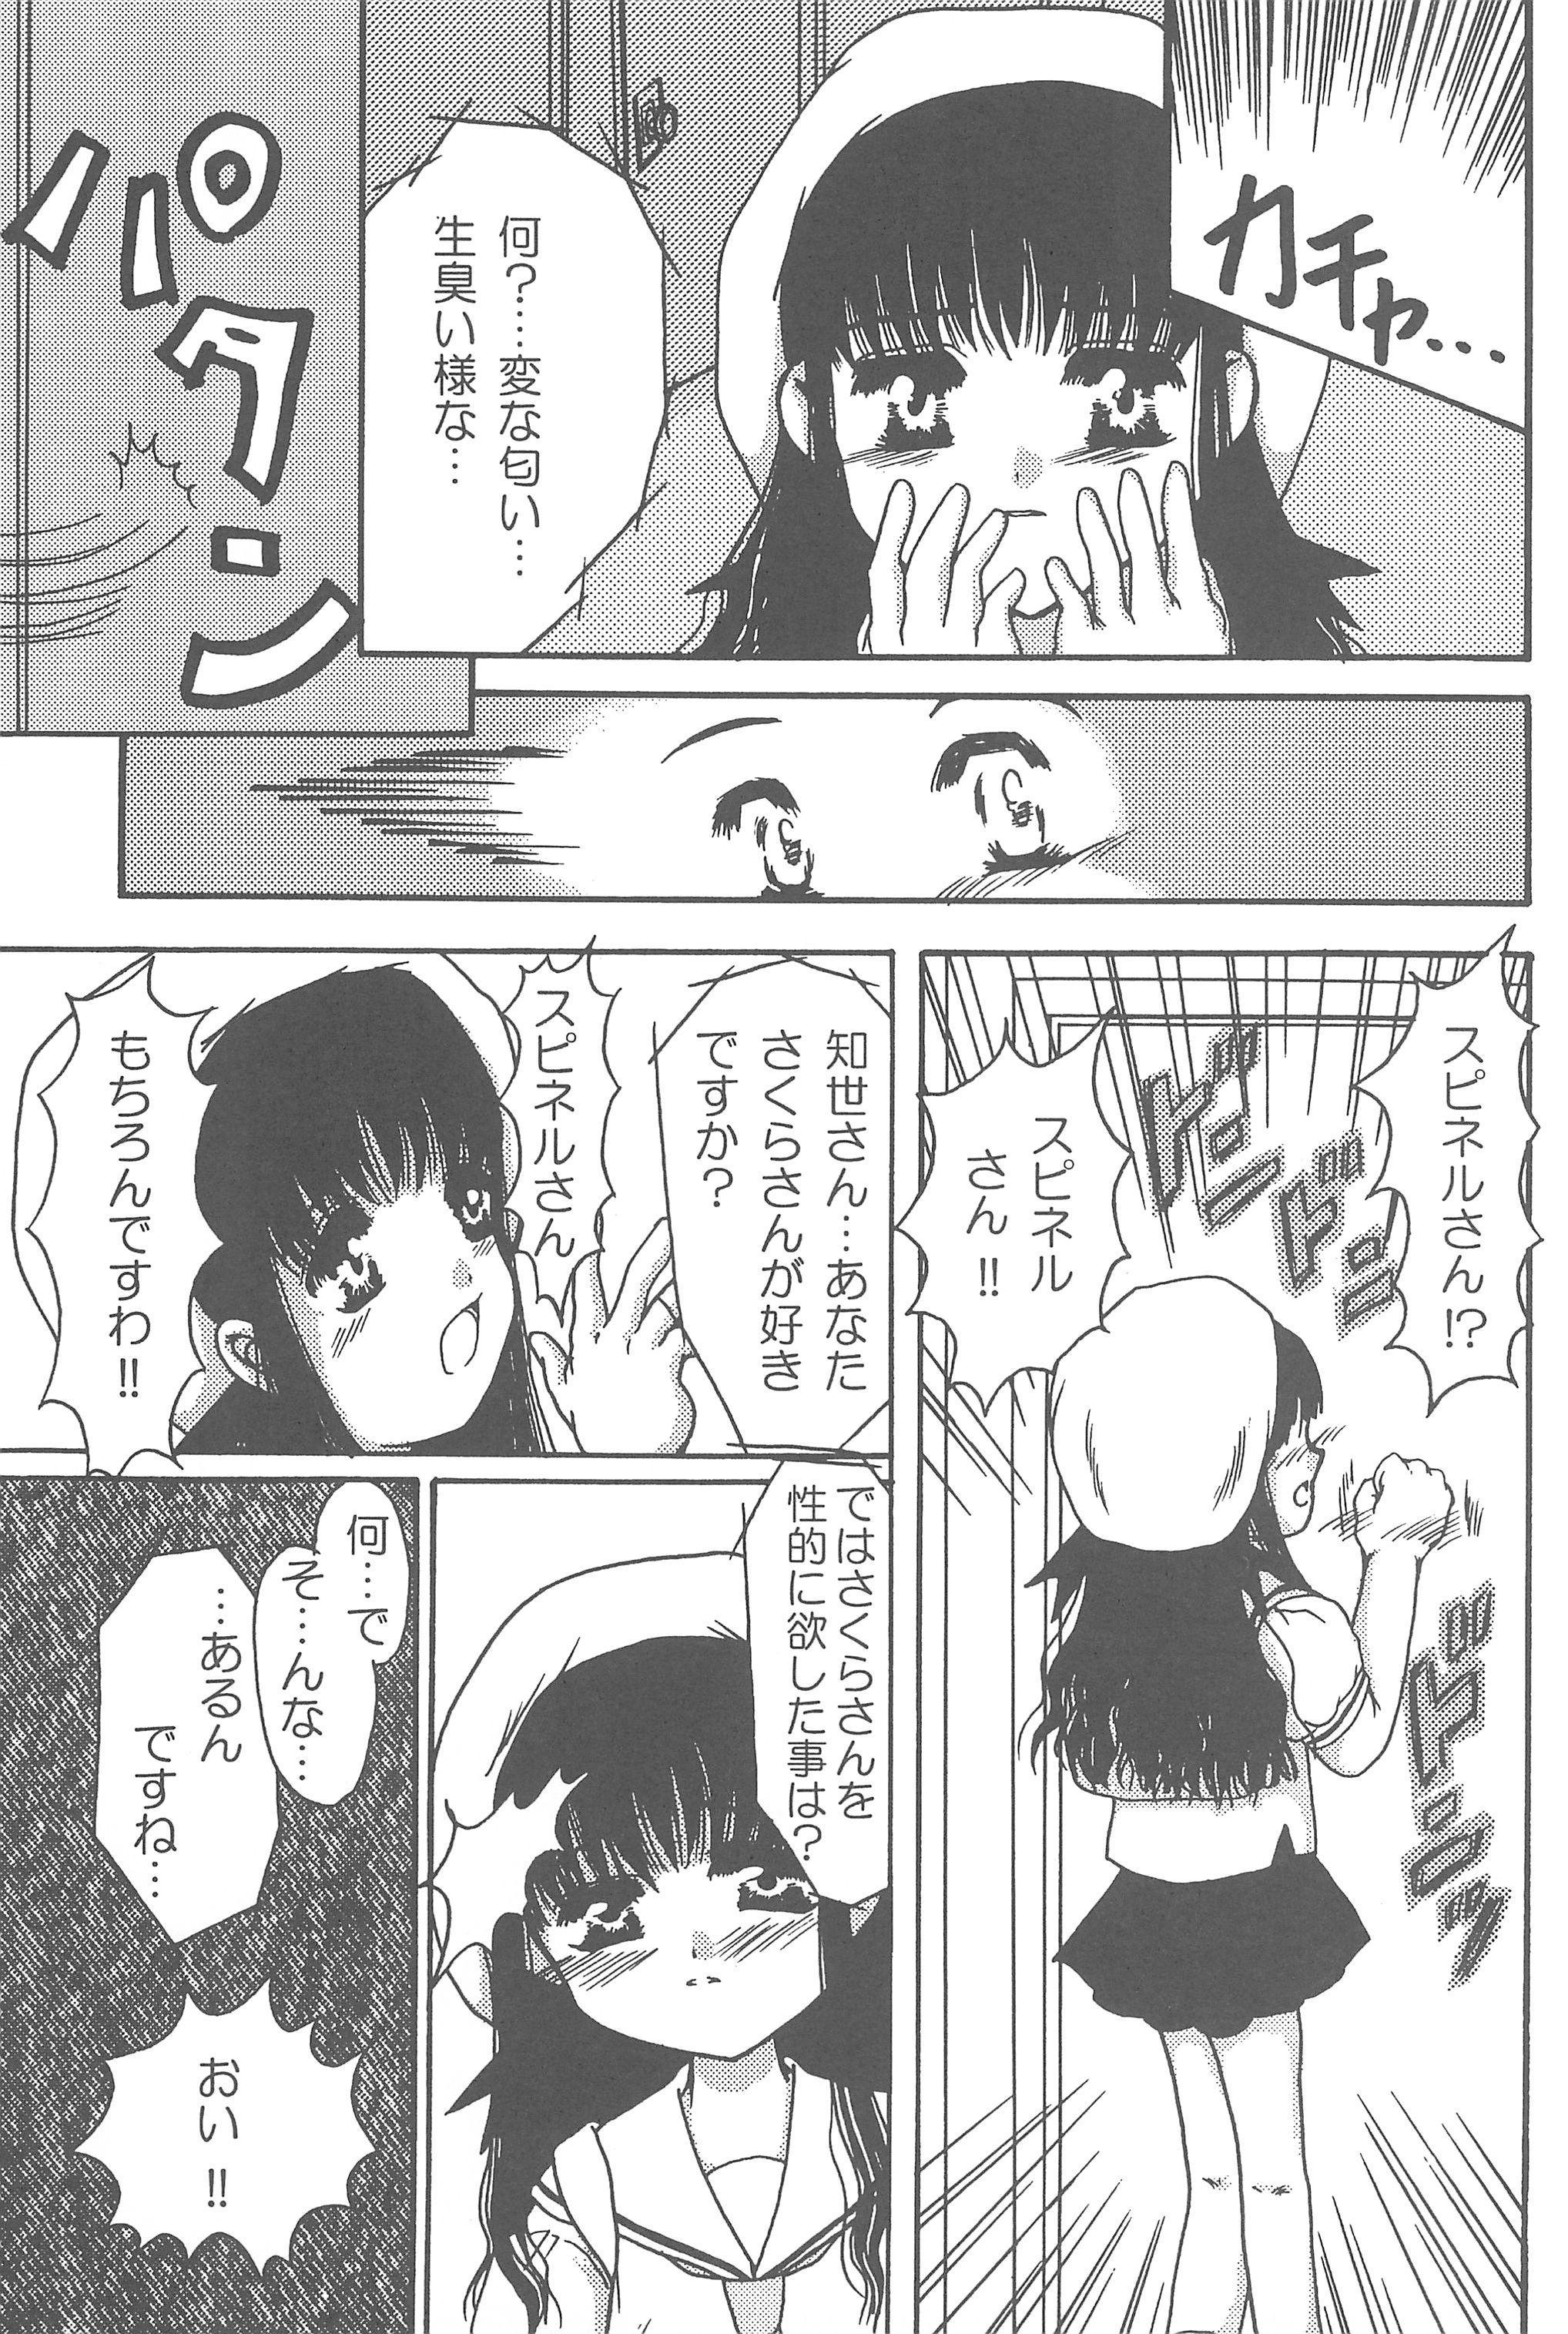 Sakura Iya ja nai mon 26